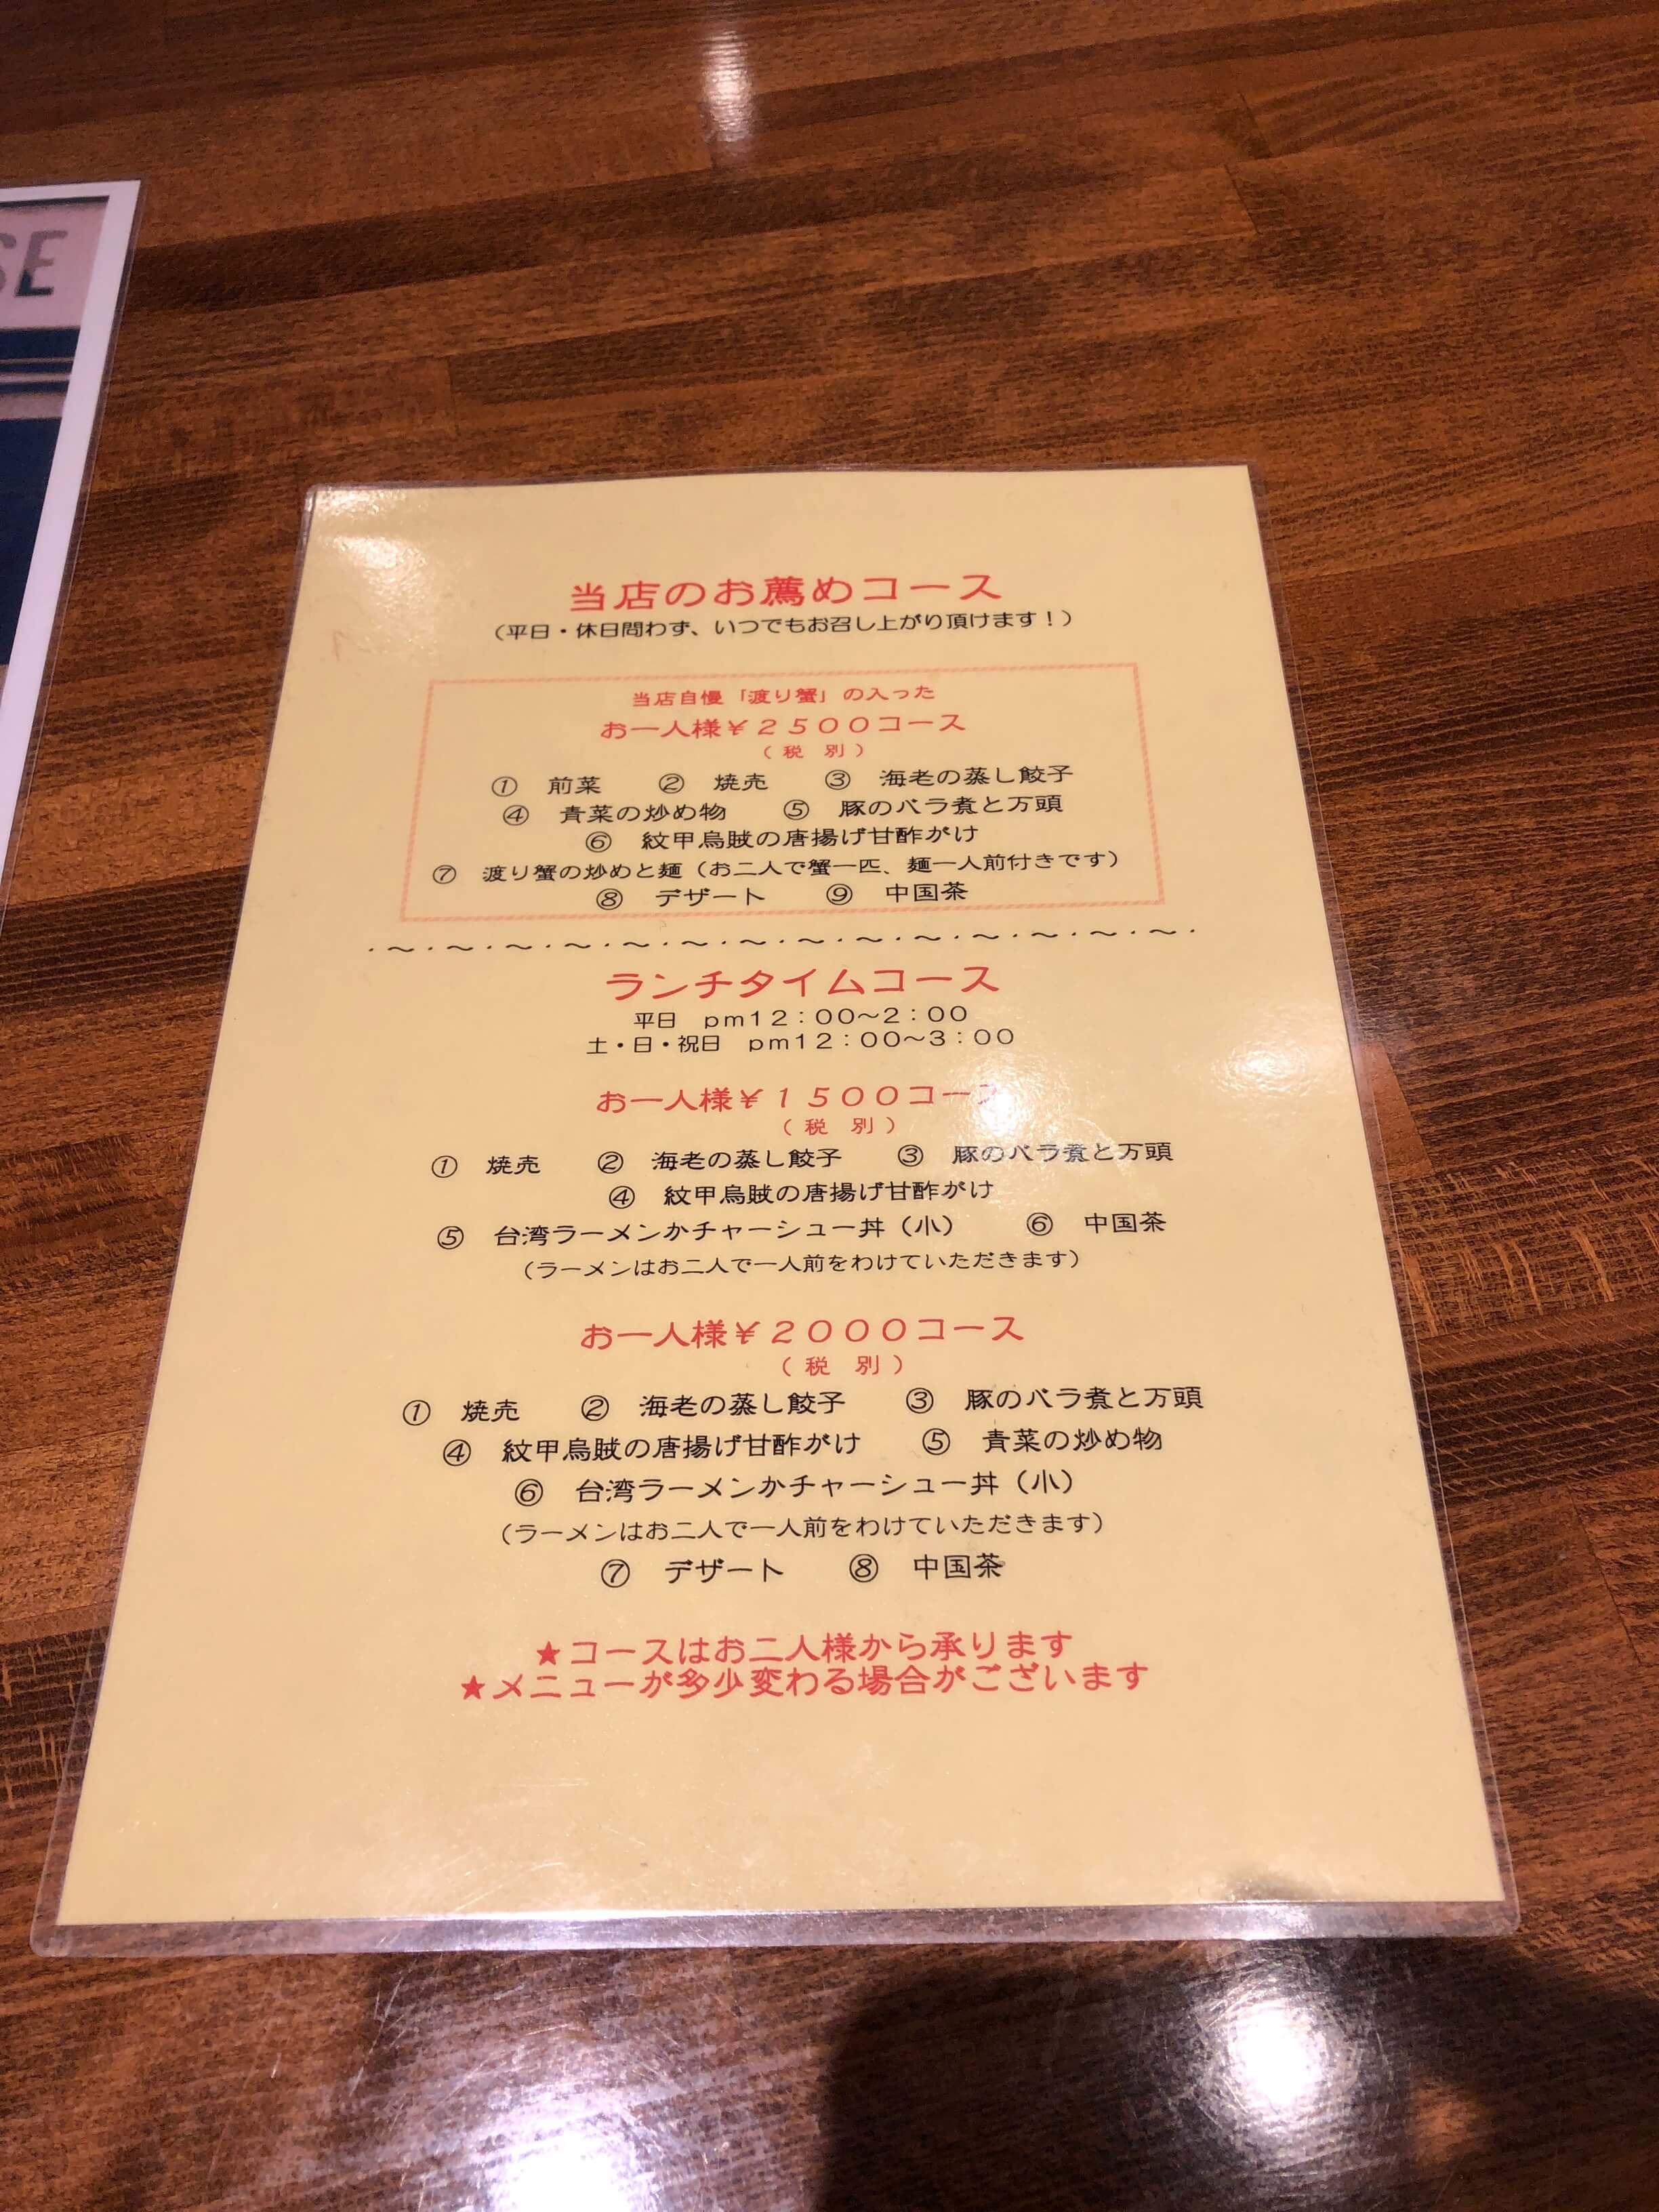 興昌 メニュー 2020.04.07